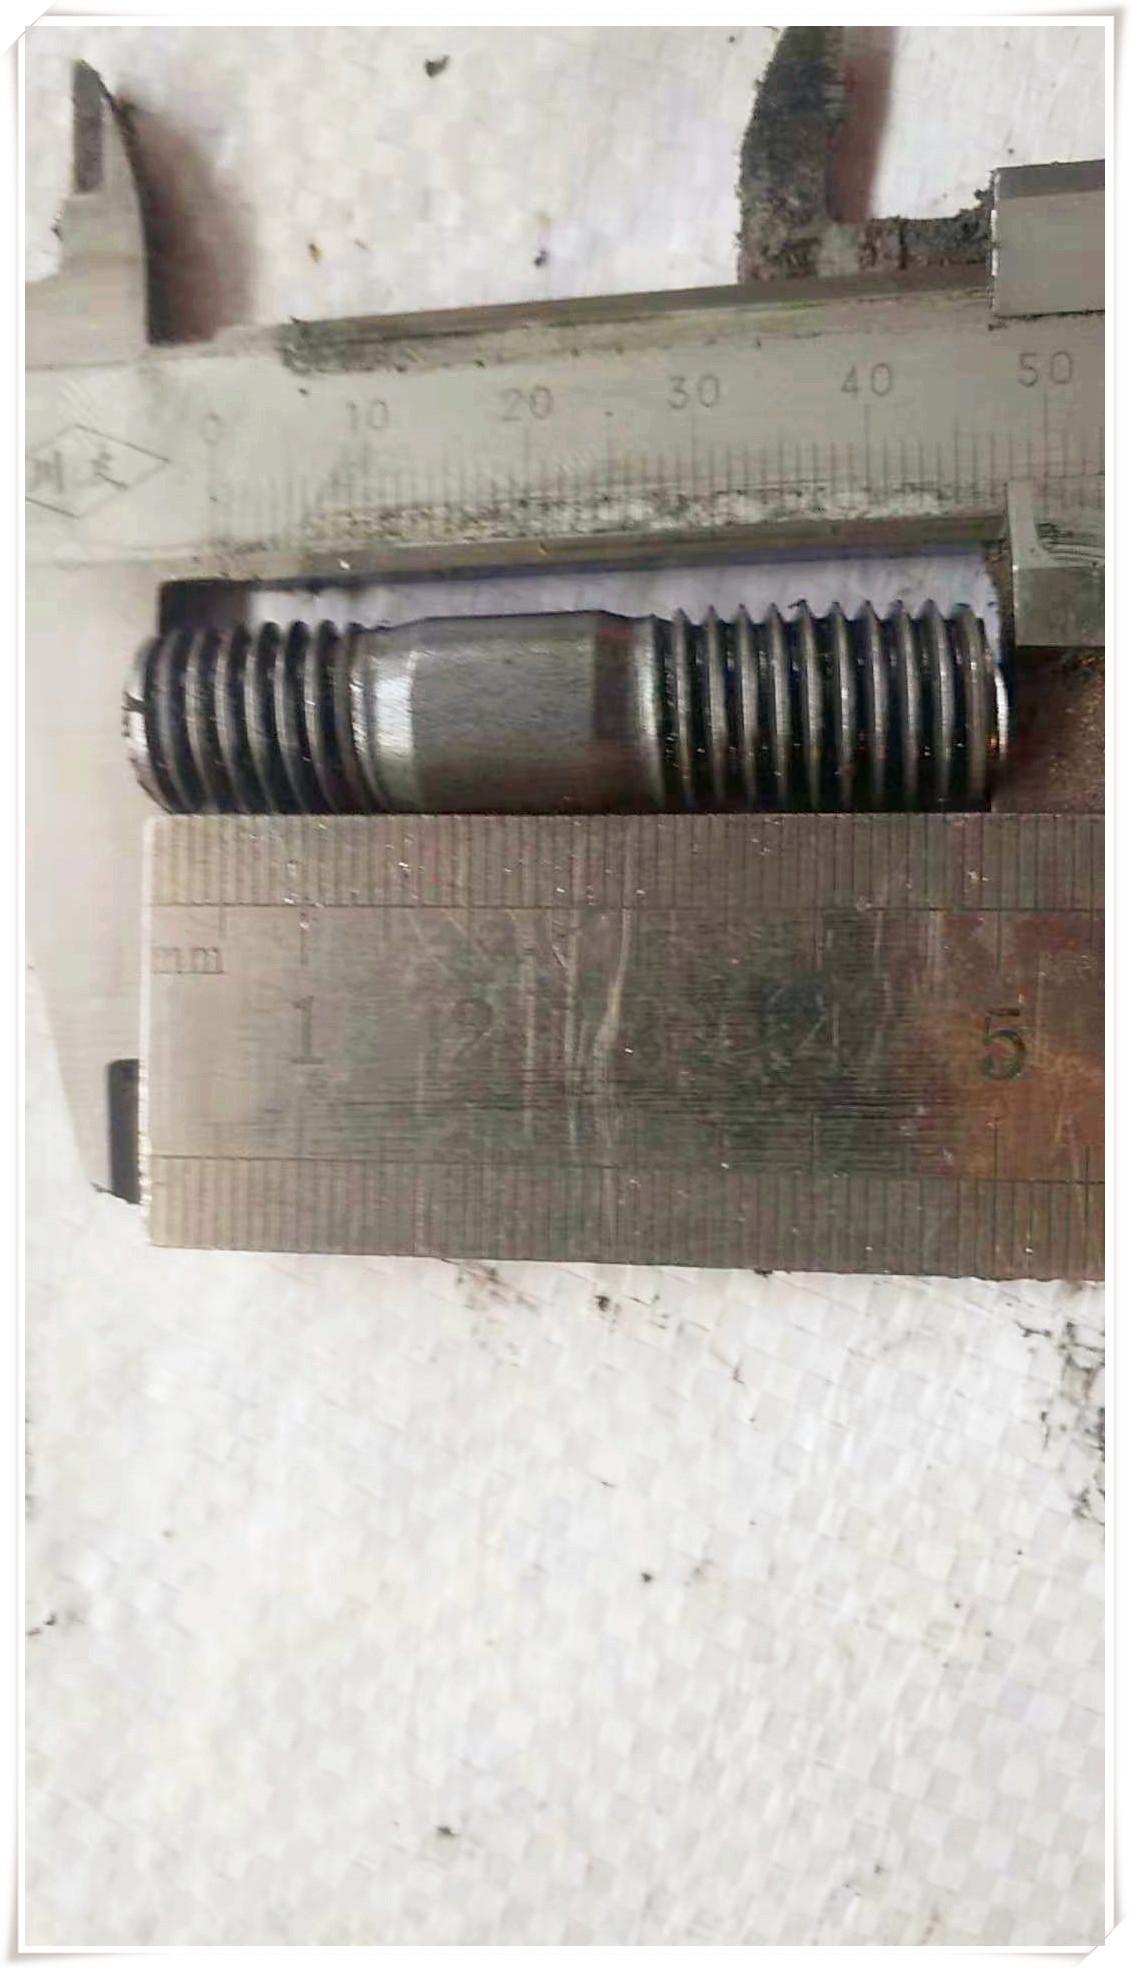 高强度双头螺丝|异形双头螺丝|双头螺丝优质供应商